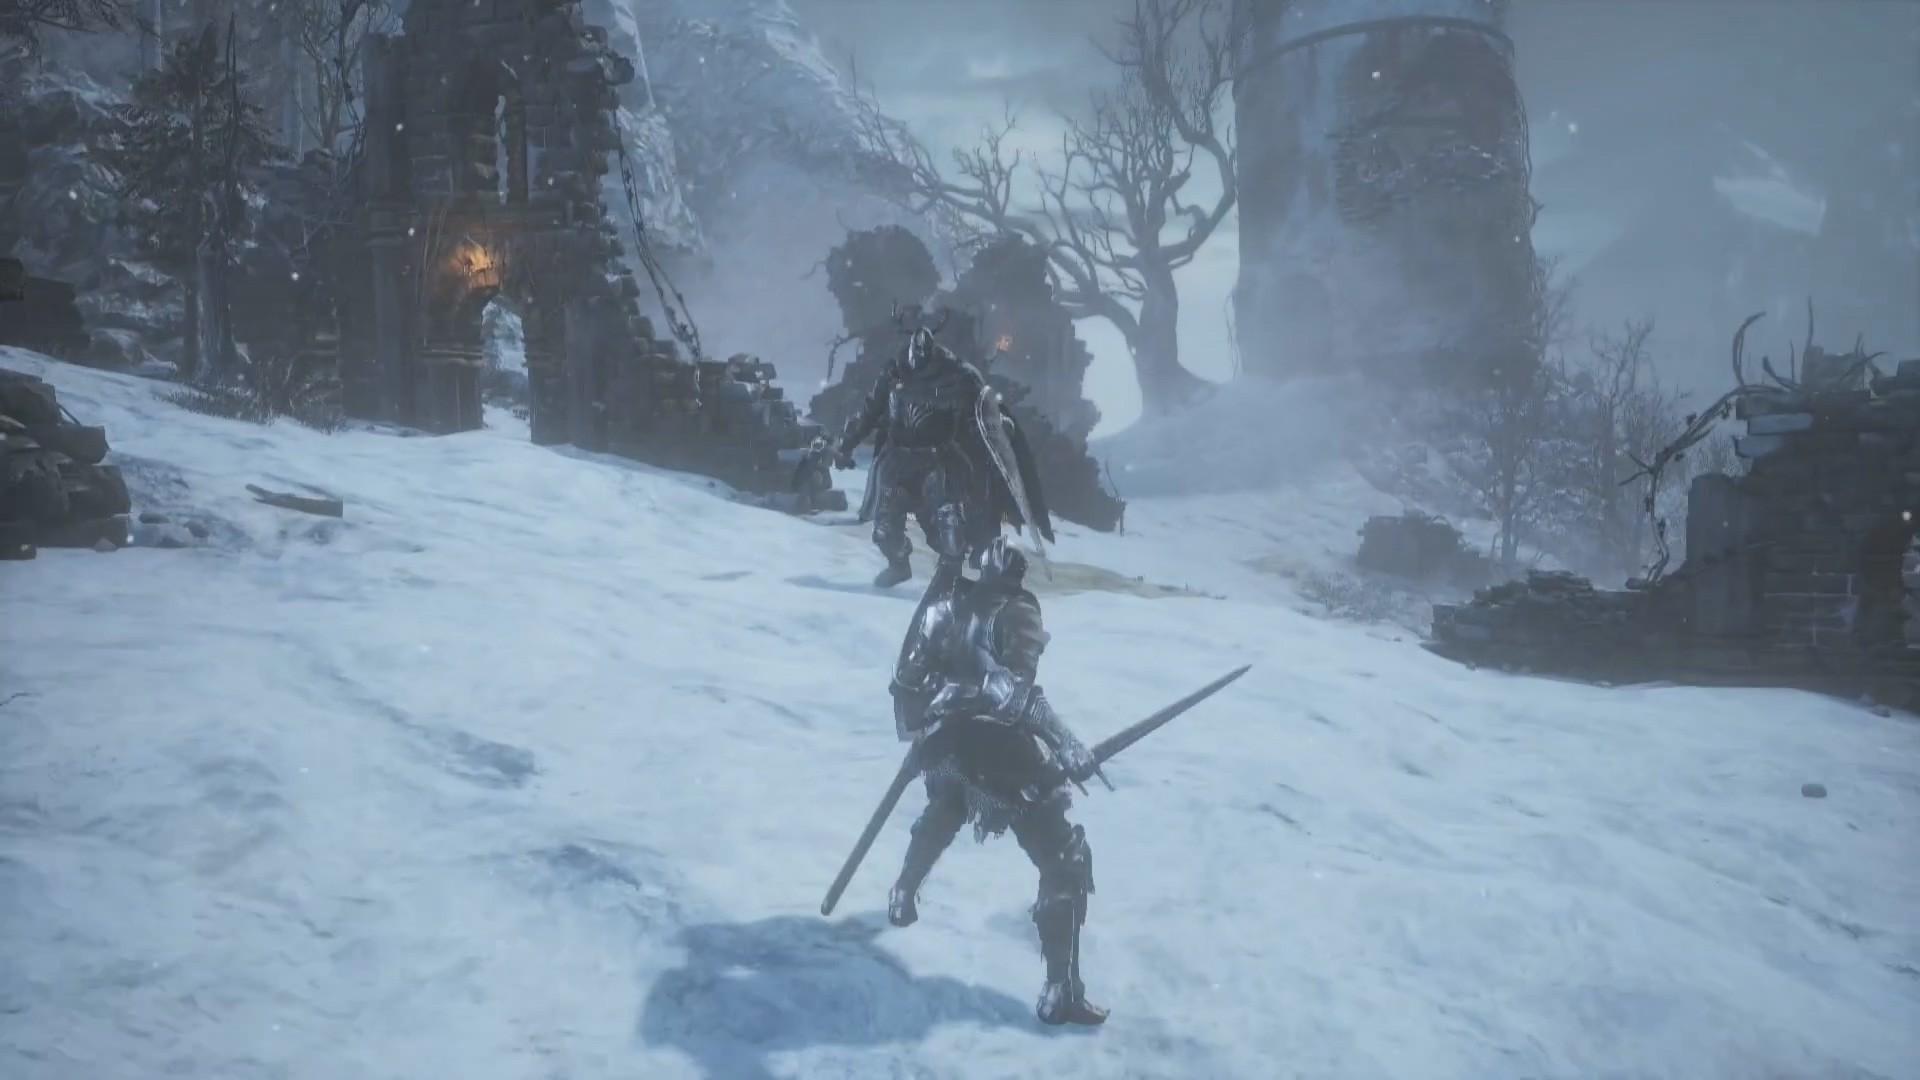 《黑暗之魂3》DLC艾雷德尔之烬试玩视频曝光